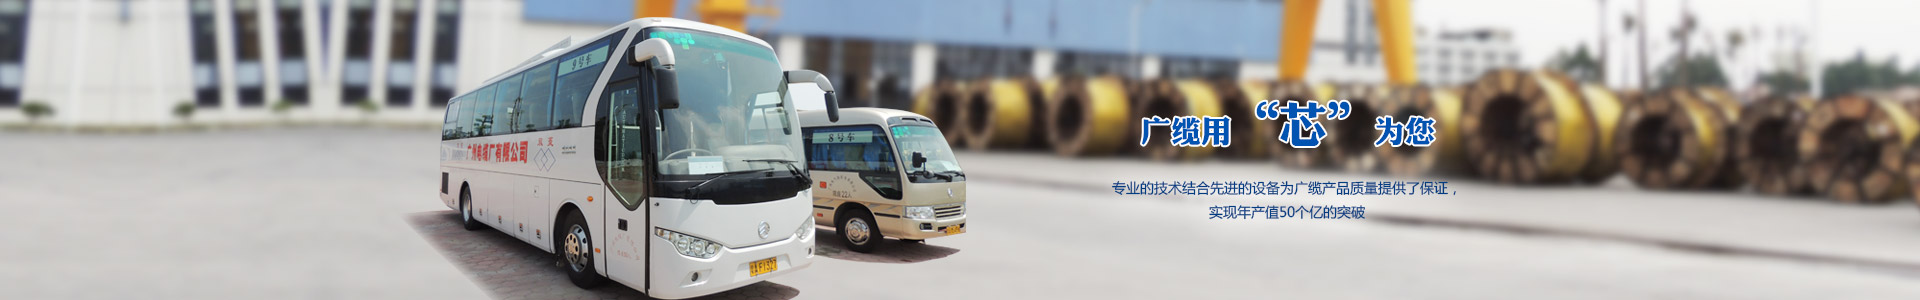 广州电缆厂公司